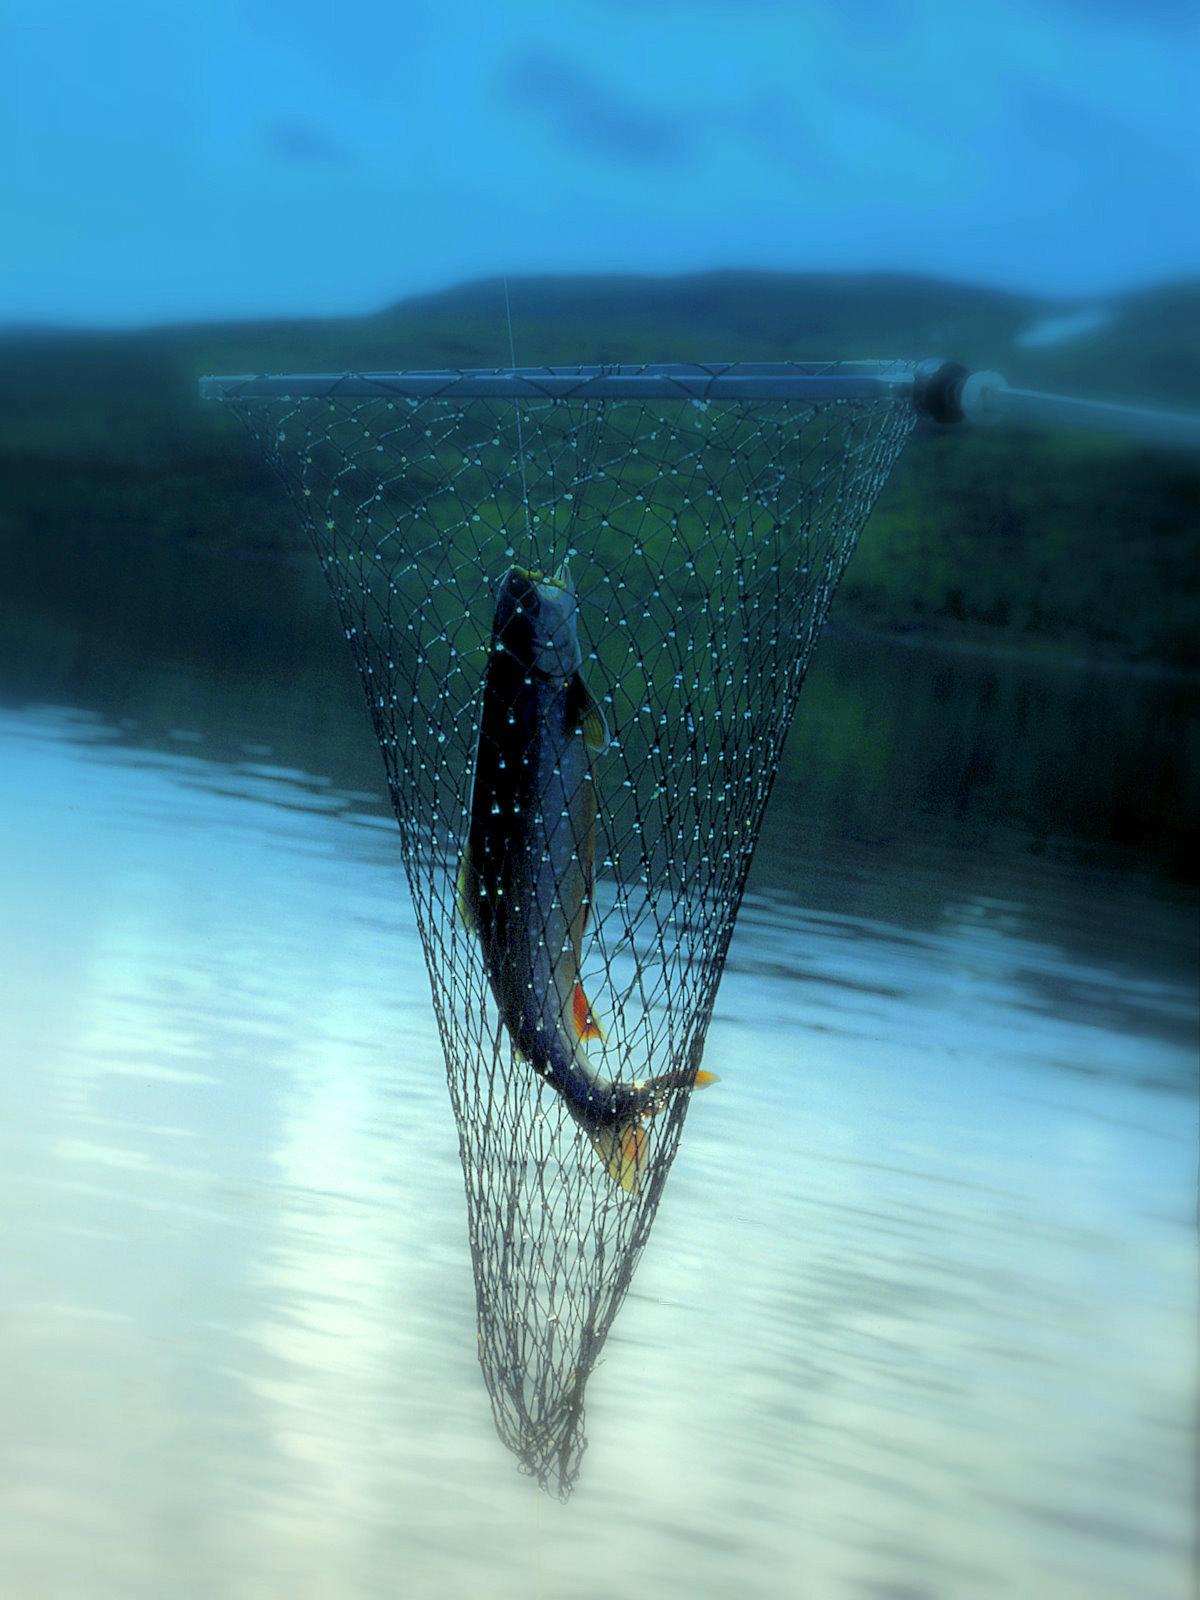 Det behövs bara ett fiskekort - fiskelycka med Hotagenkortet. Foto Kjell-Erik A.